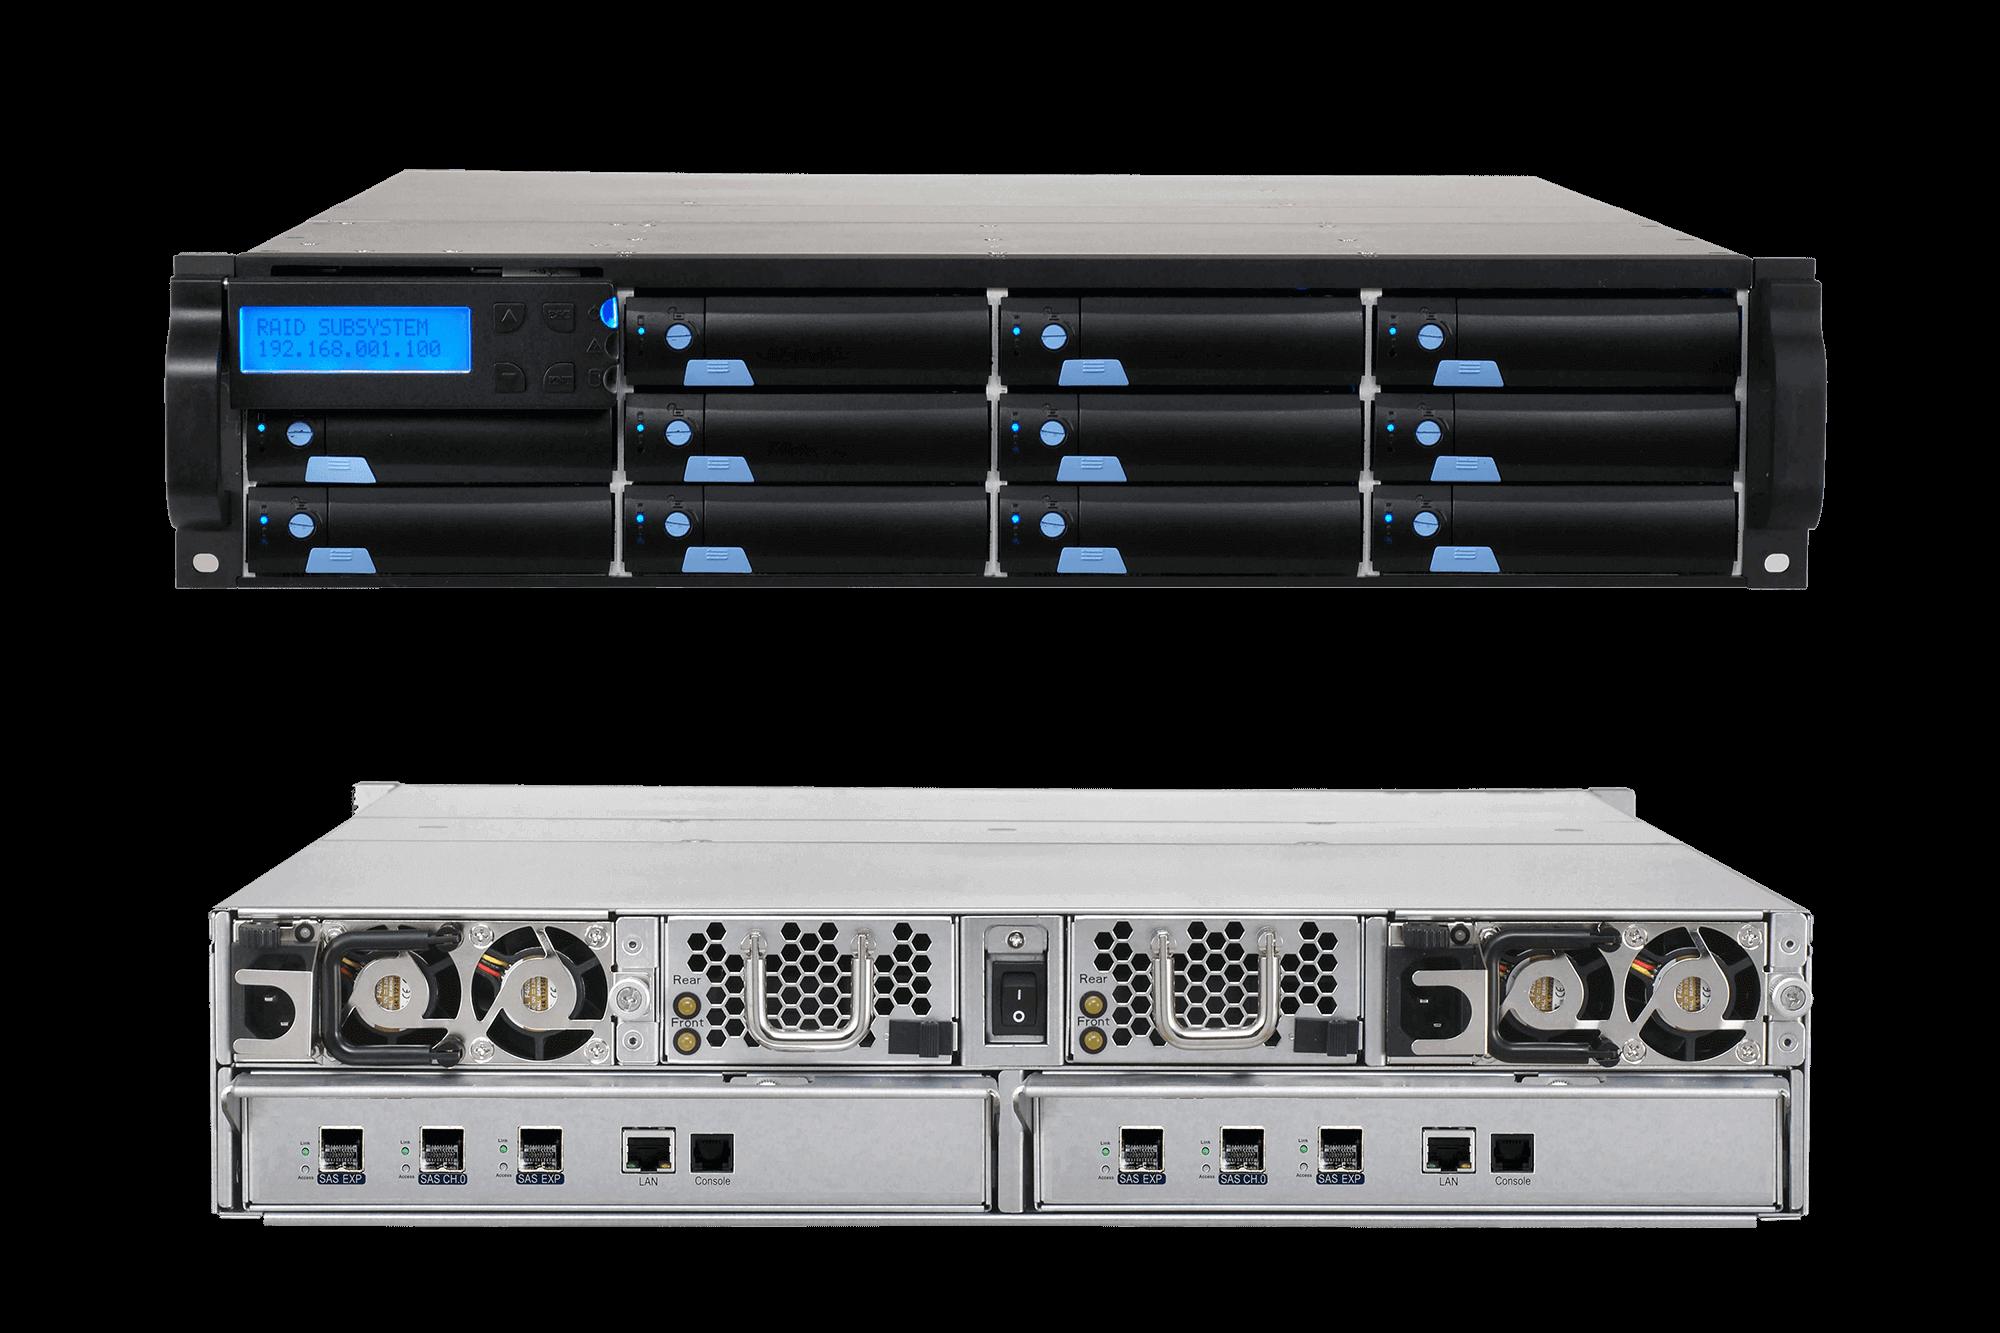 SAS JBOD Storage – Petastor